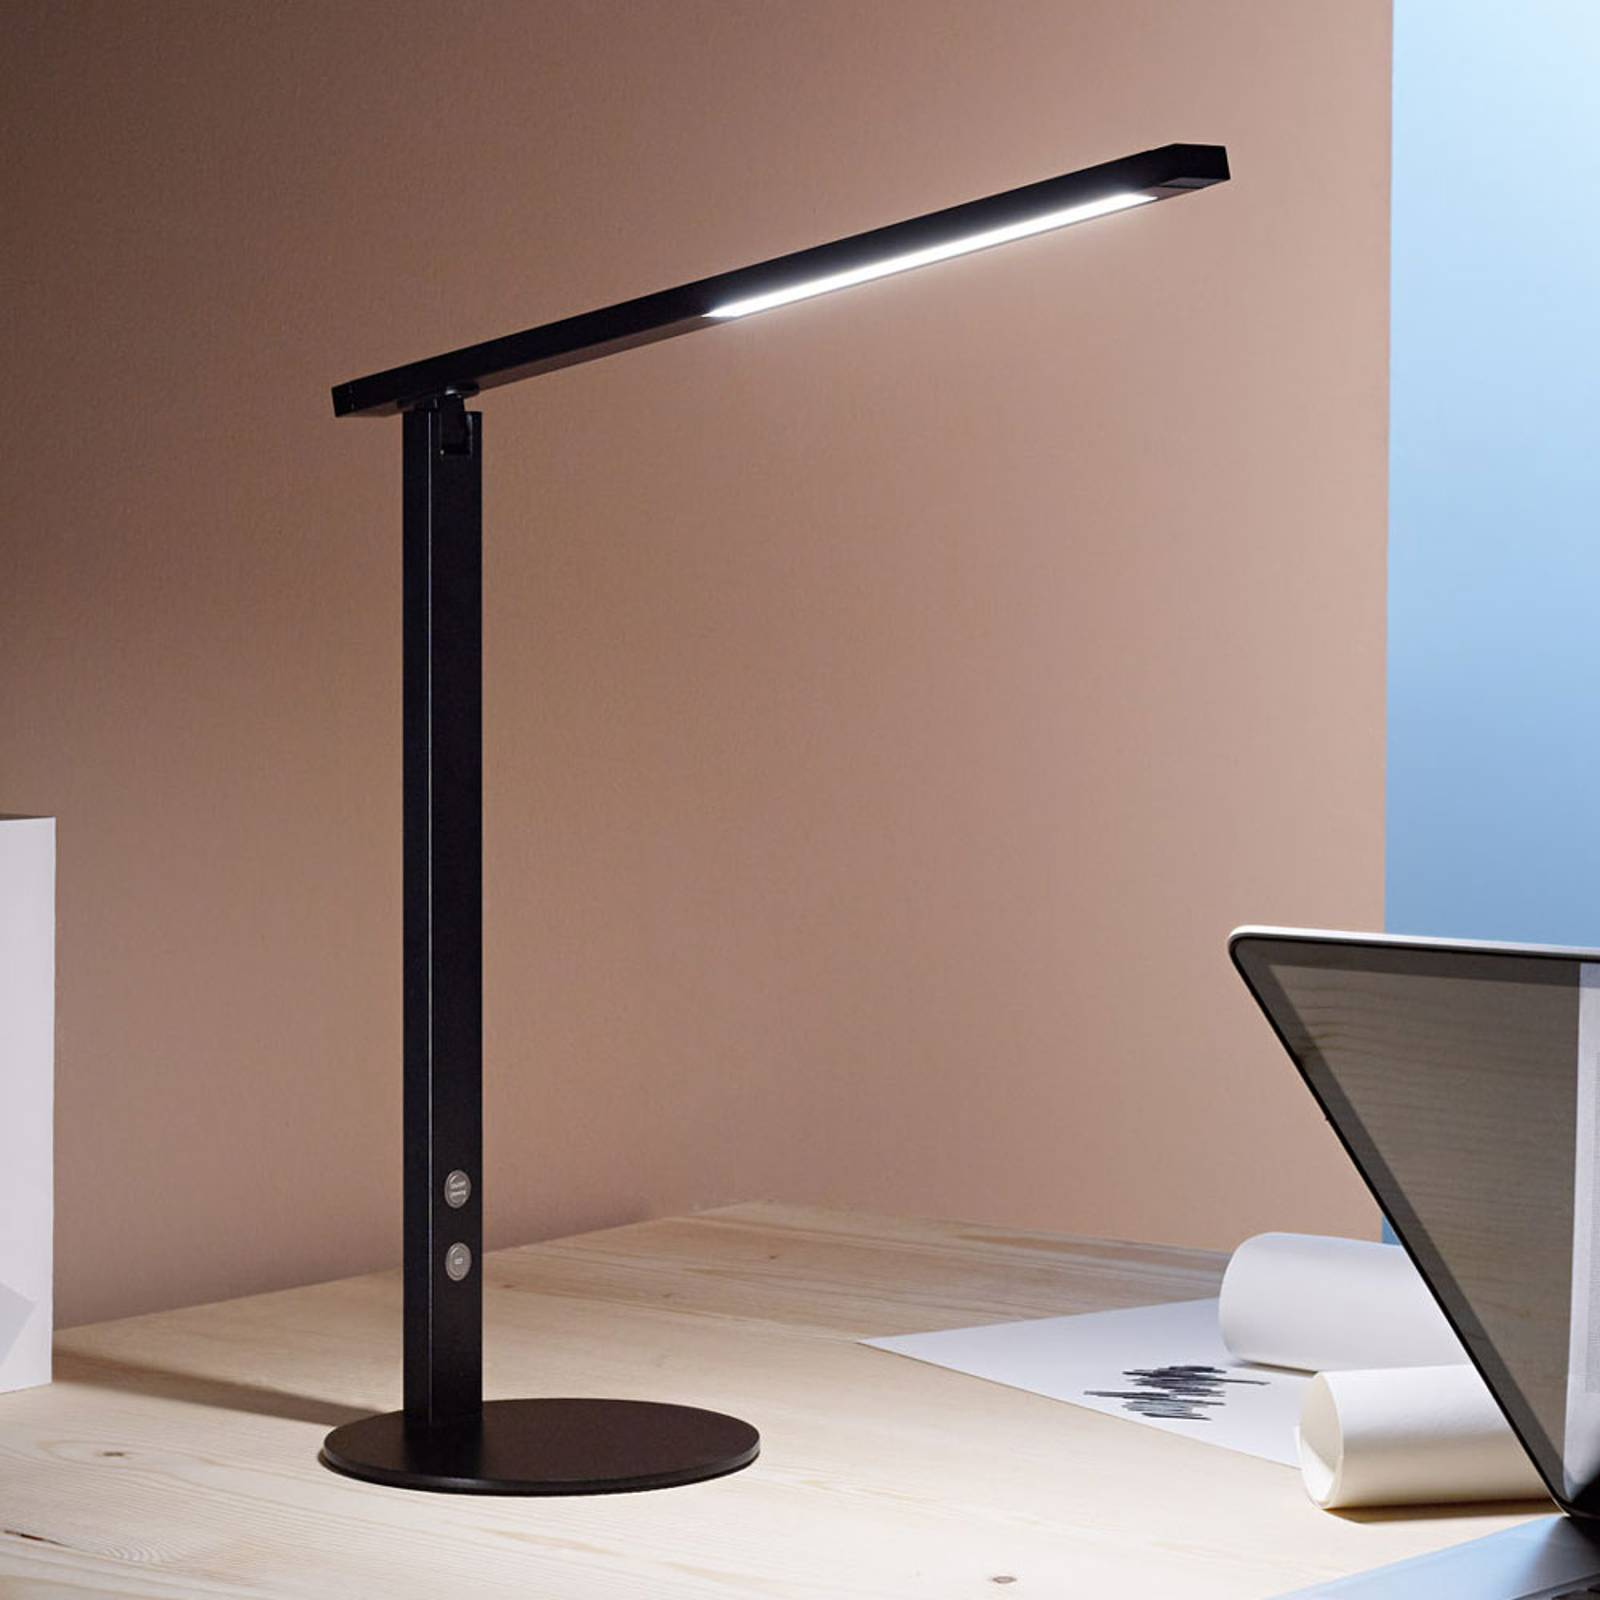 LED-työpöytälamppu Ideal himmentimellä, musta